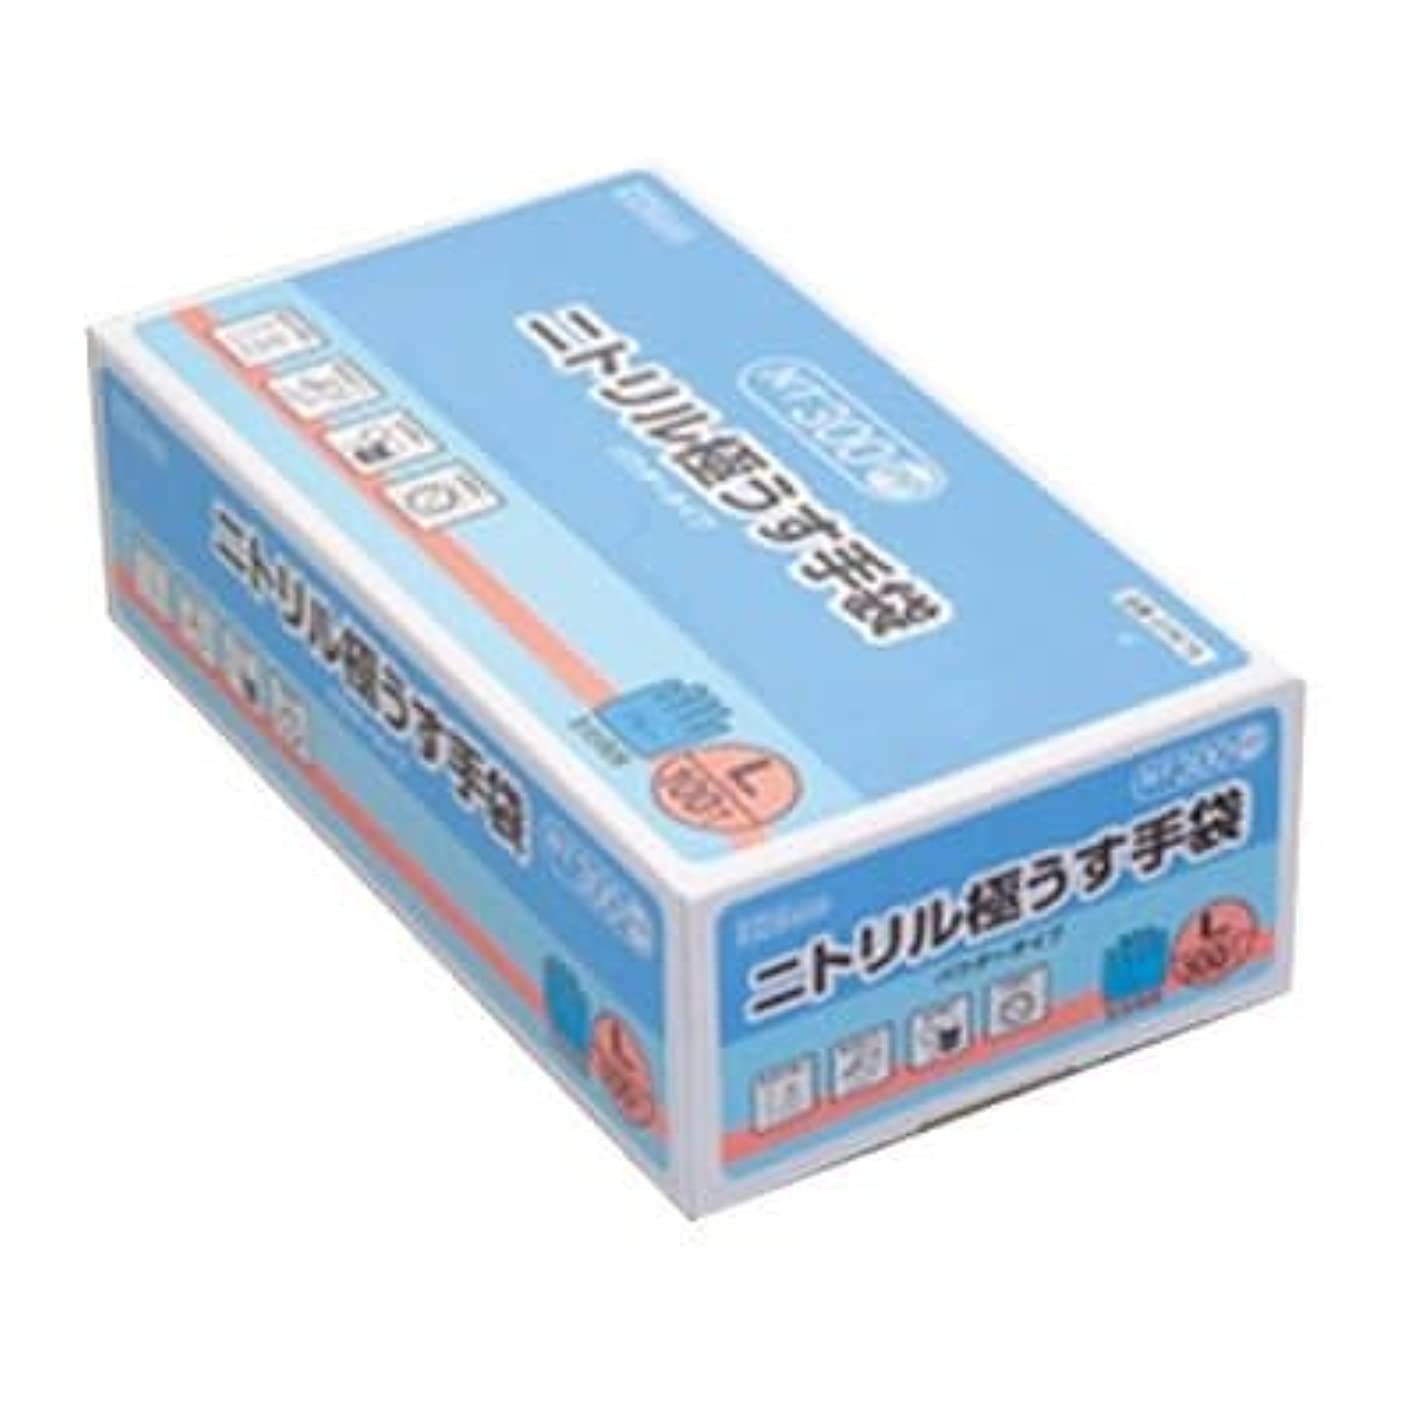 【ケース販売】 ダンロップ ニトリル極うす手袋 粉付 L ブルー NT-300 (100枚入×20箱)